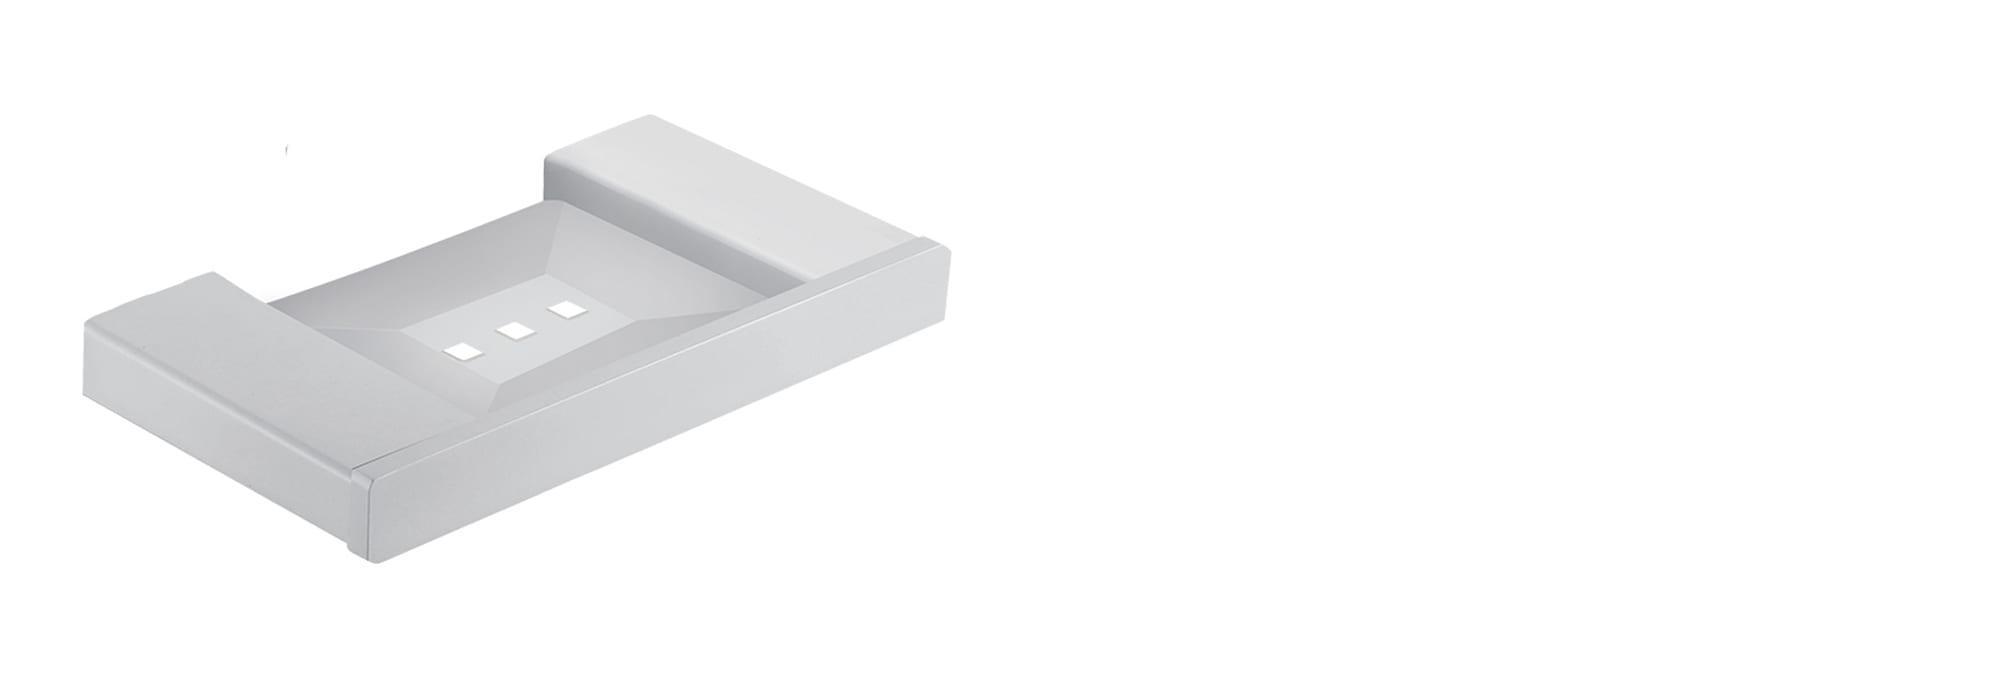 בית סבון מינימל לבן by Milstone